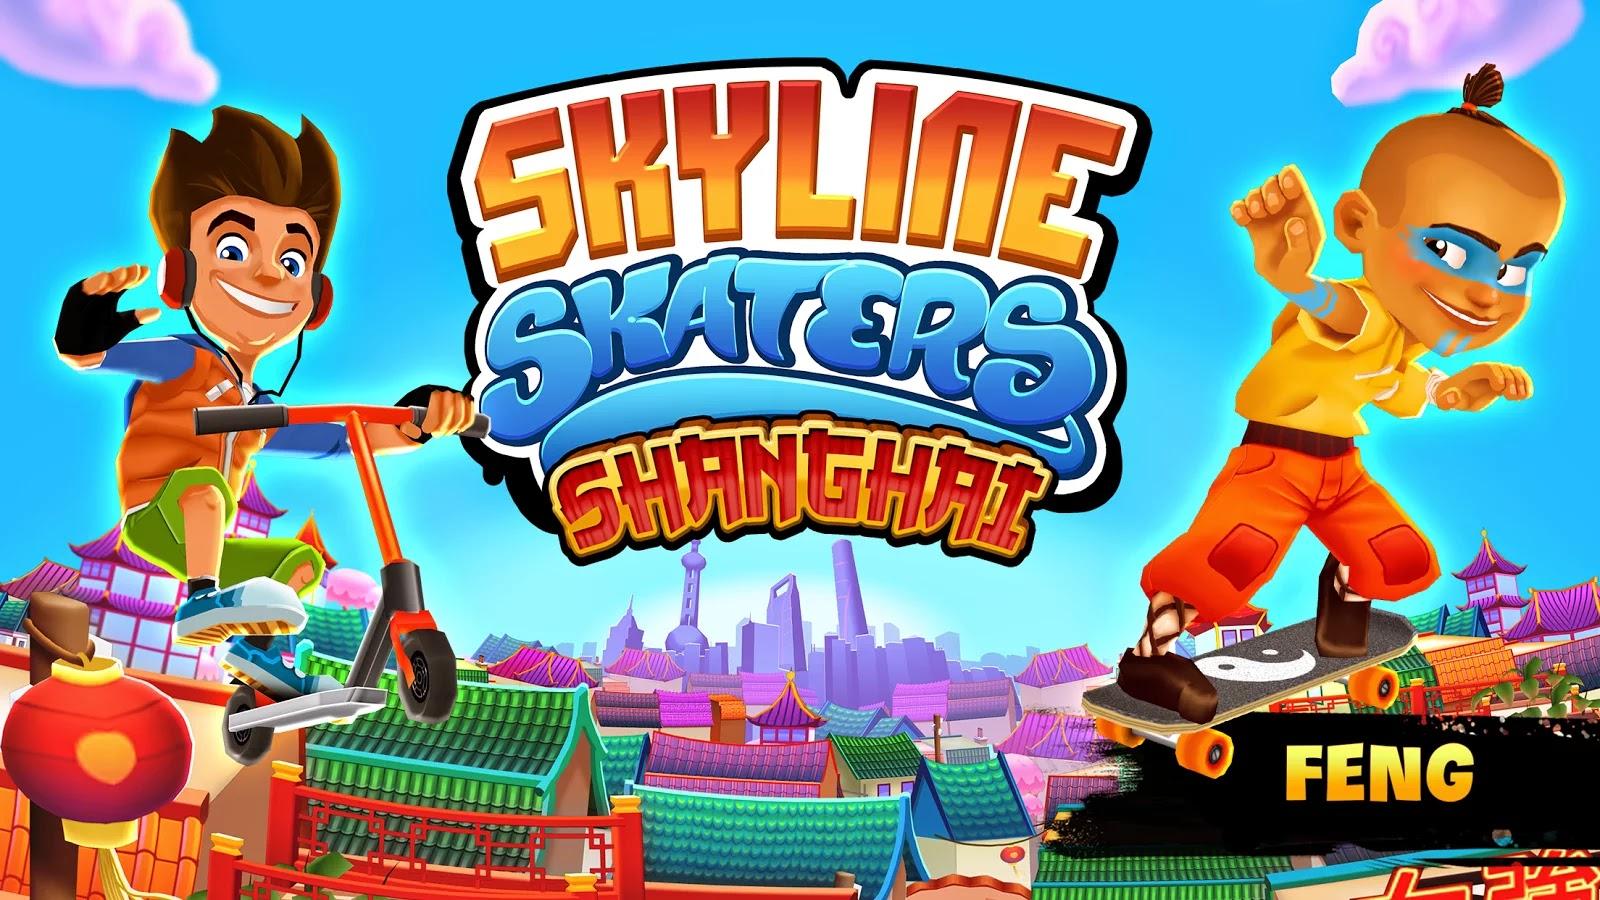 Skyline Skaters v1.6.0 Mod